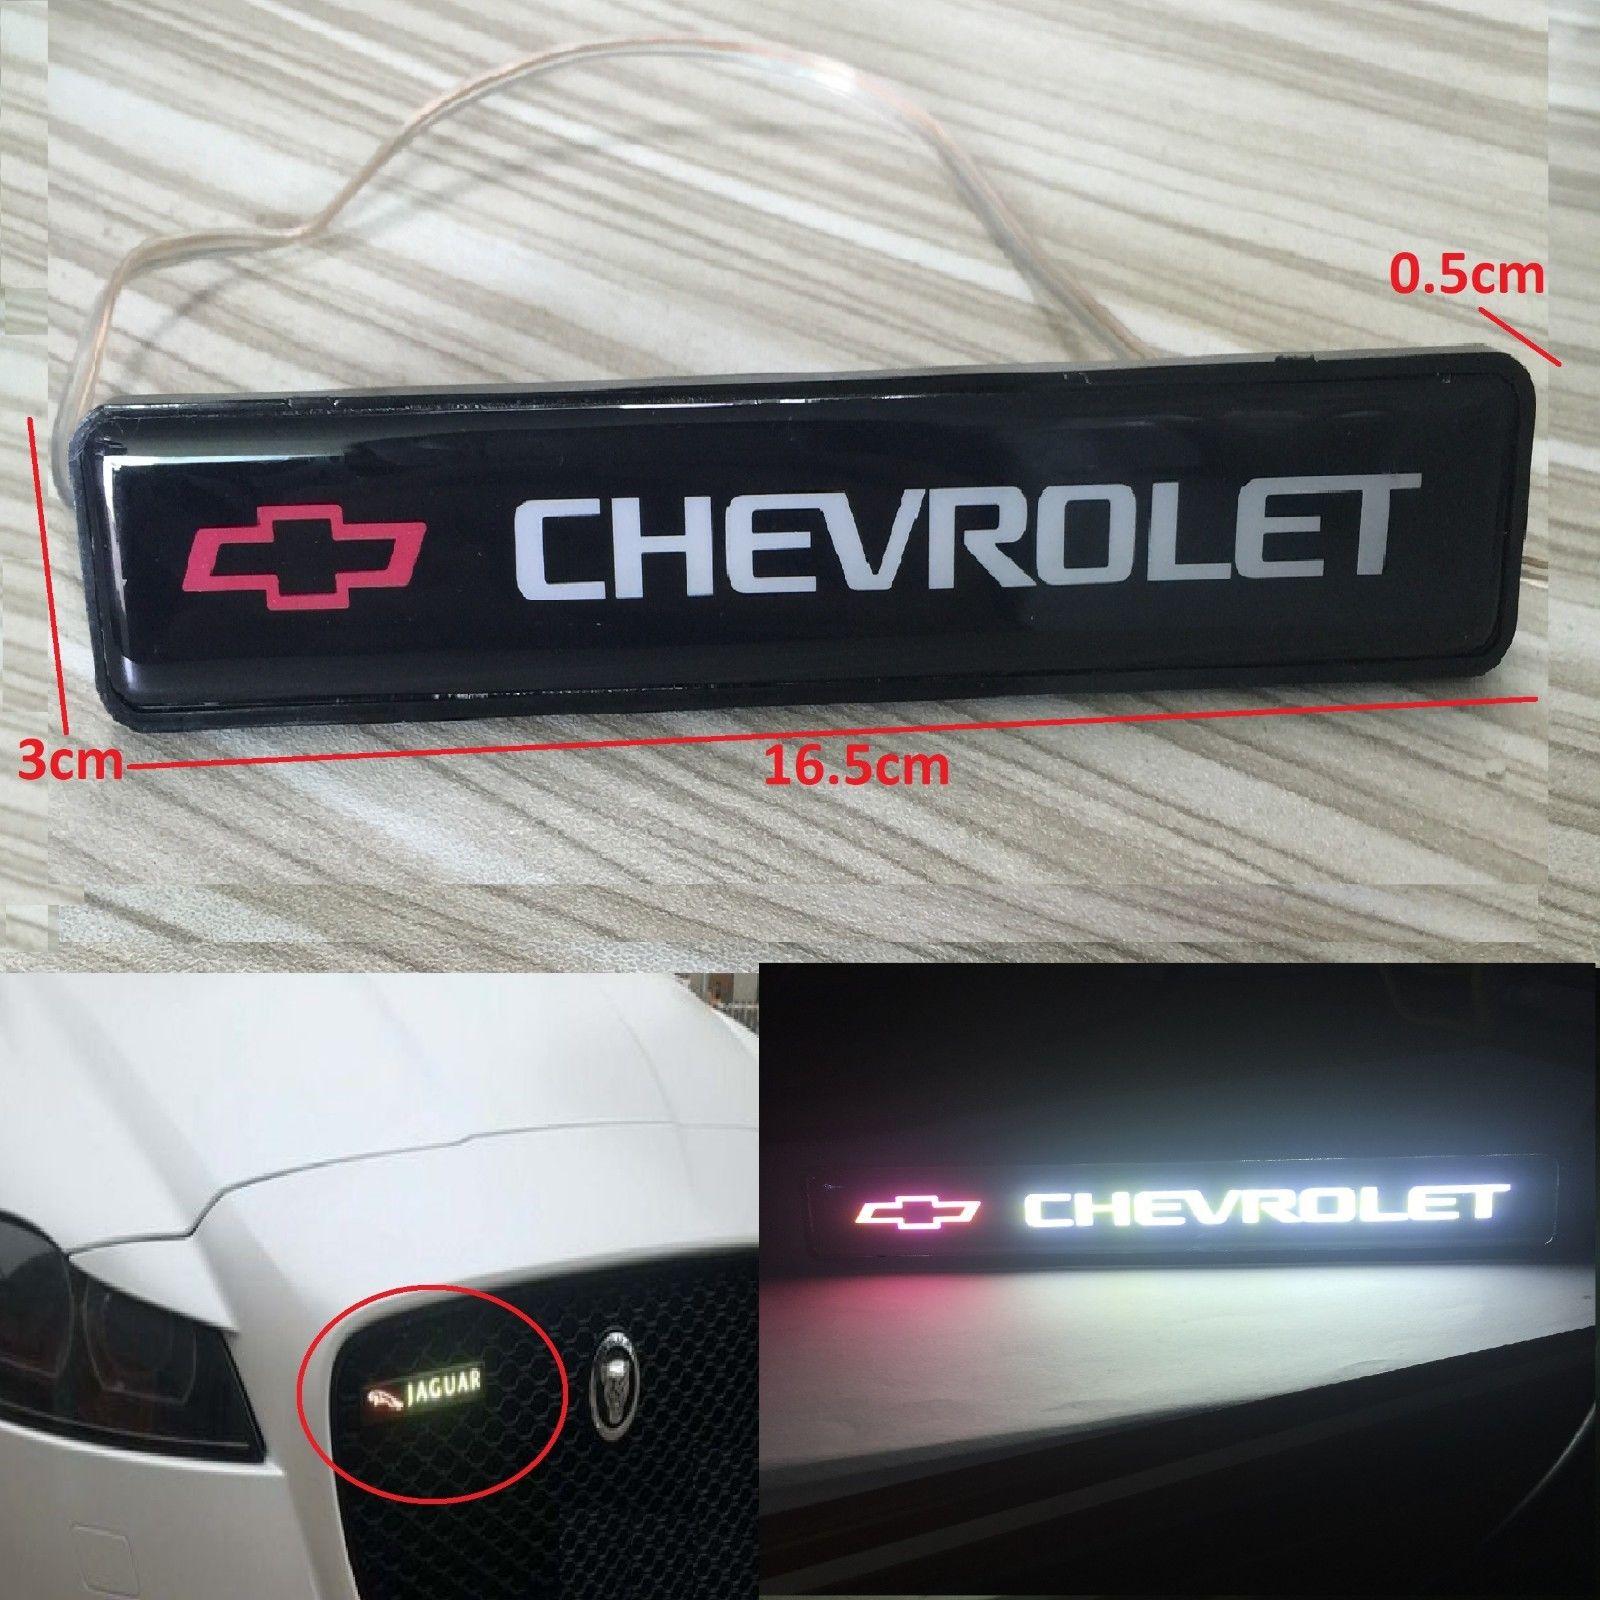 Amazing Chevrolet Logo Led Light Emblem Car Front Grille Badge For